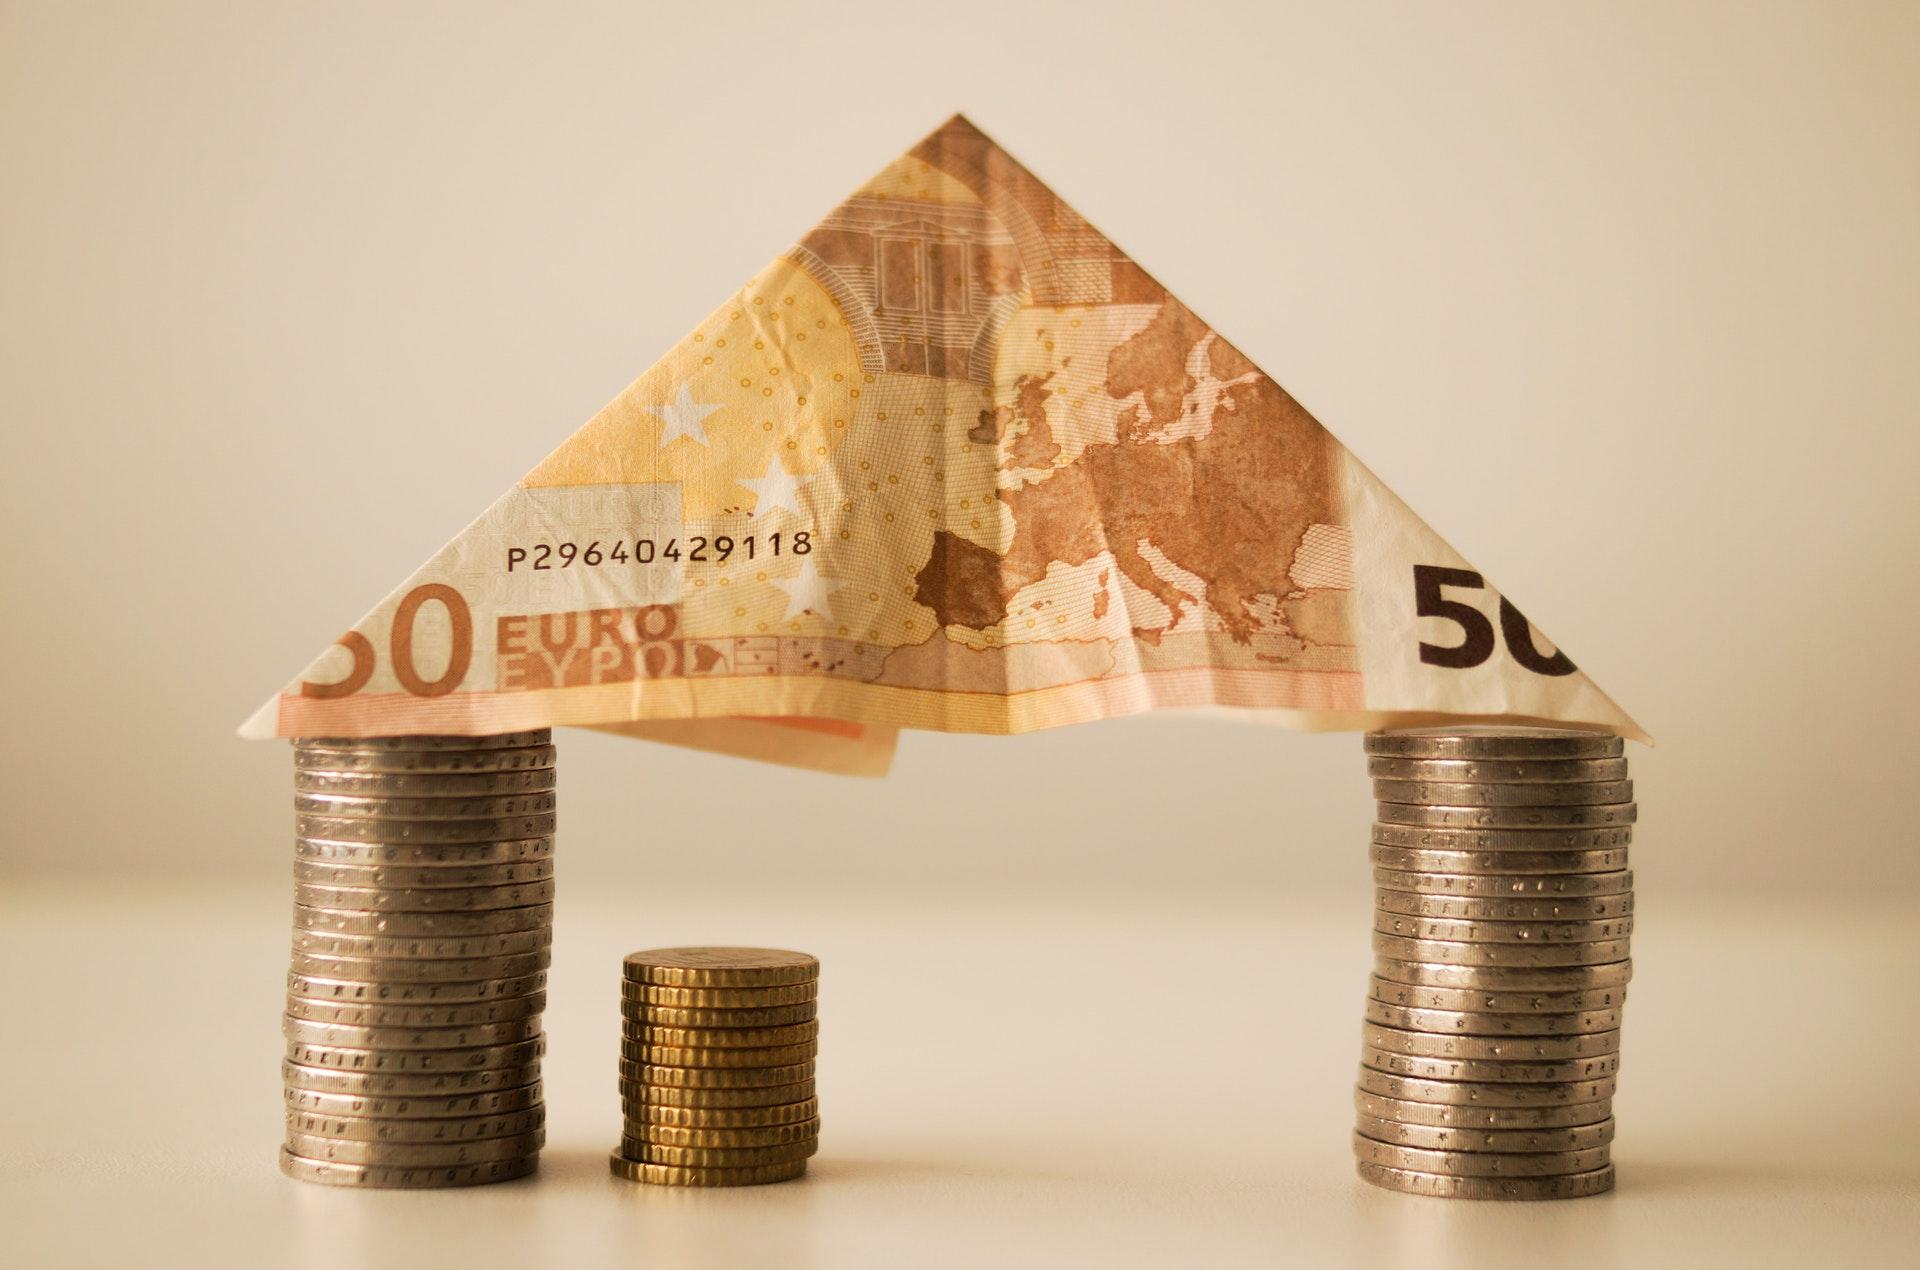 c%C3%B3mo-valorar-un-activo-o-propiedad-inmobiliaria